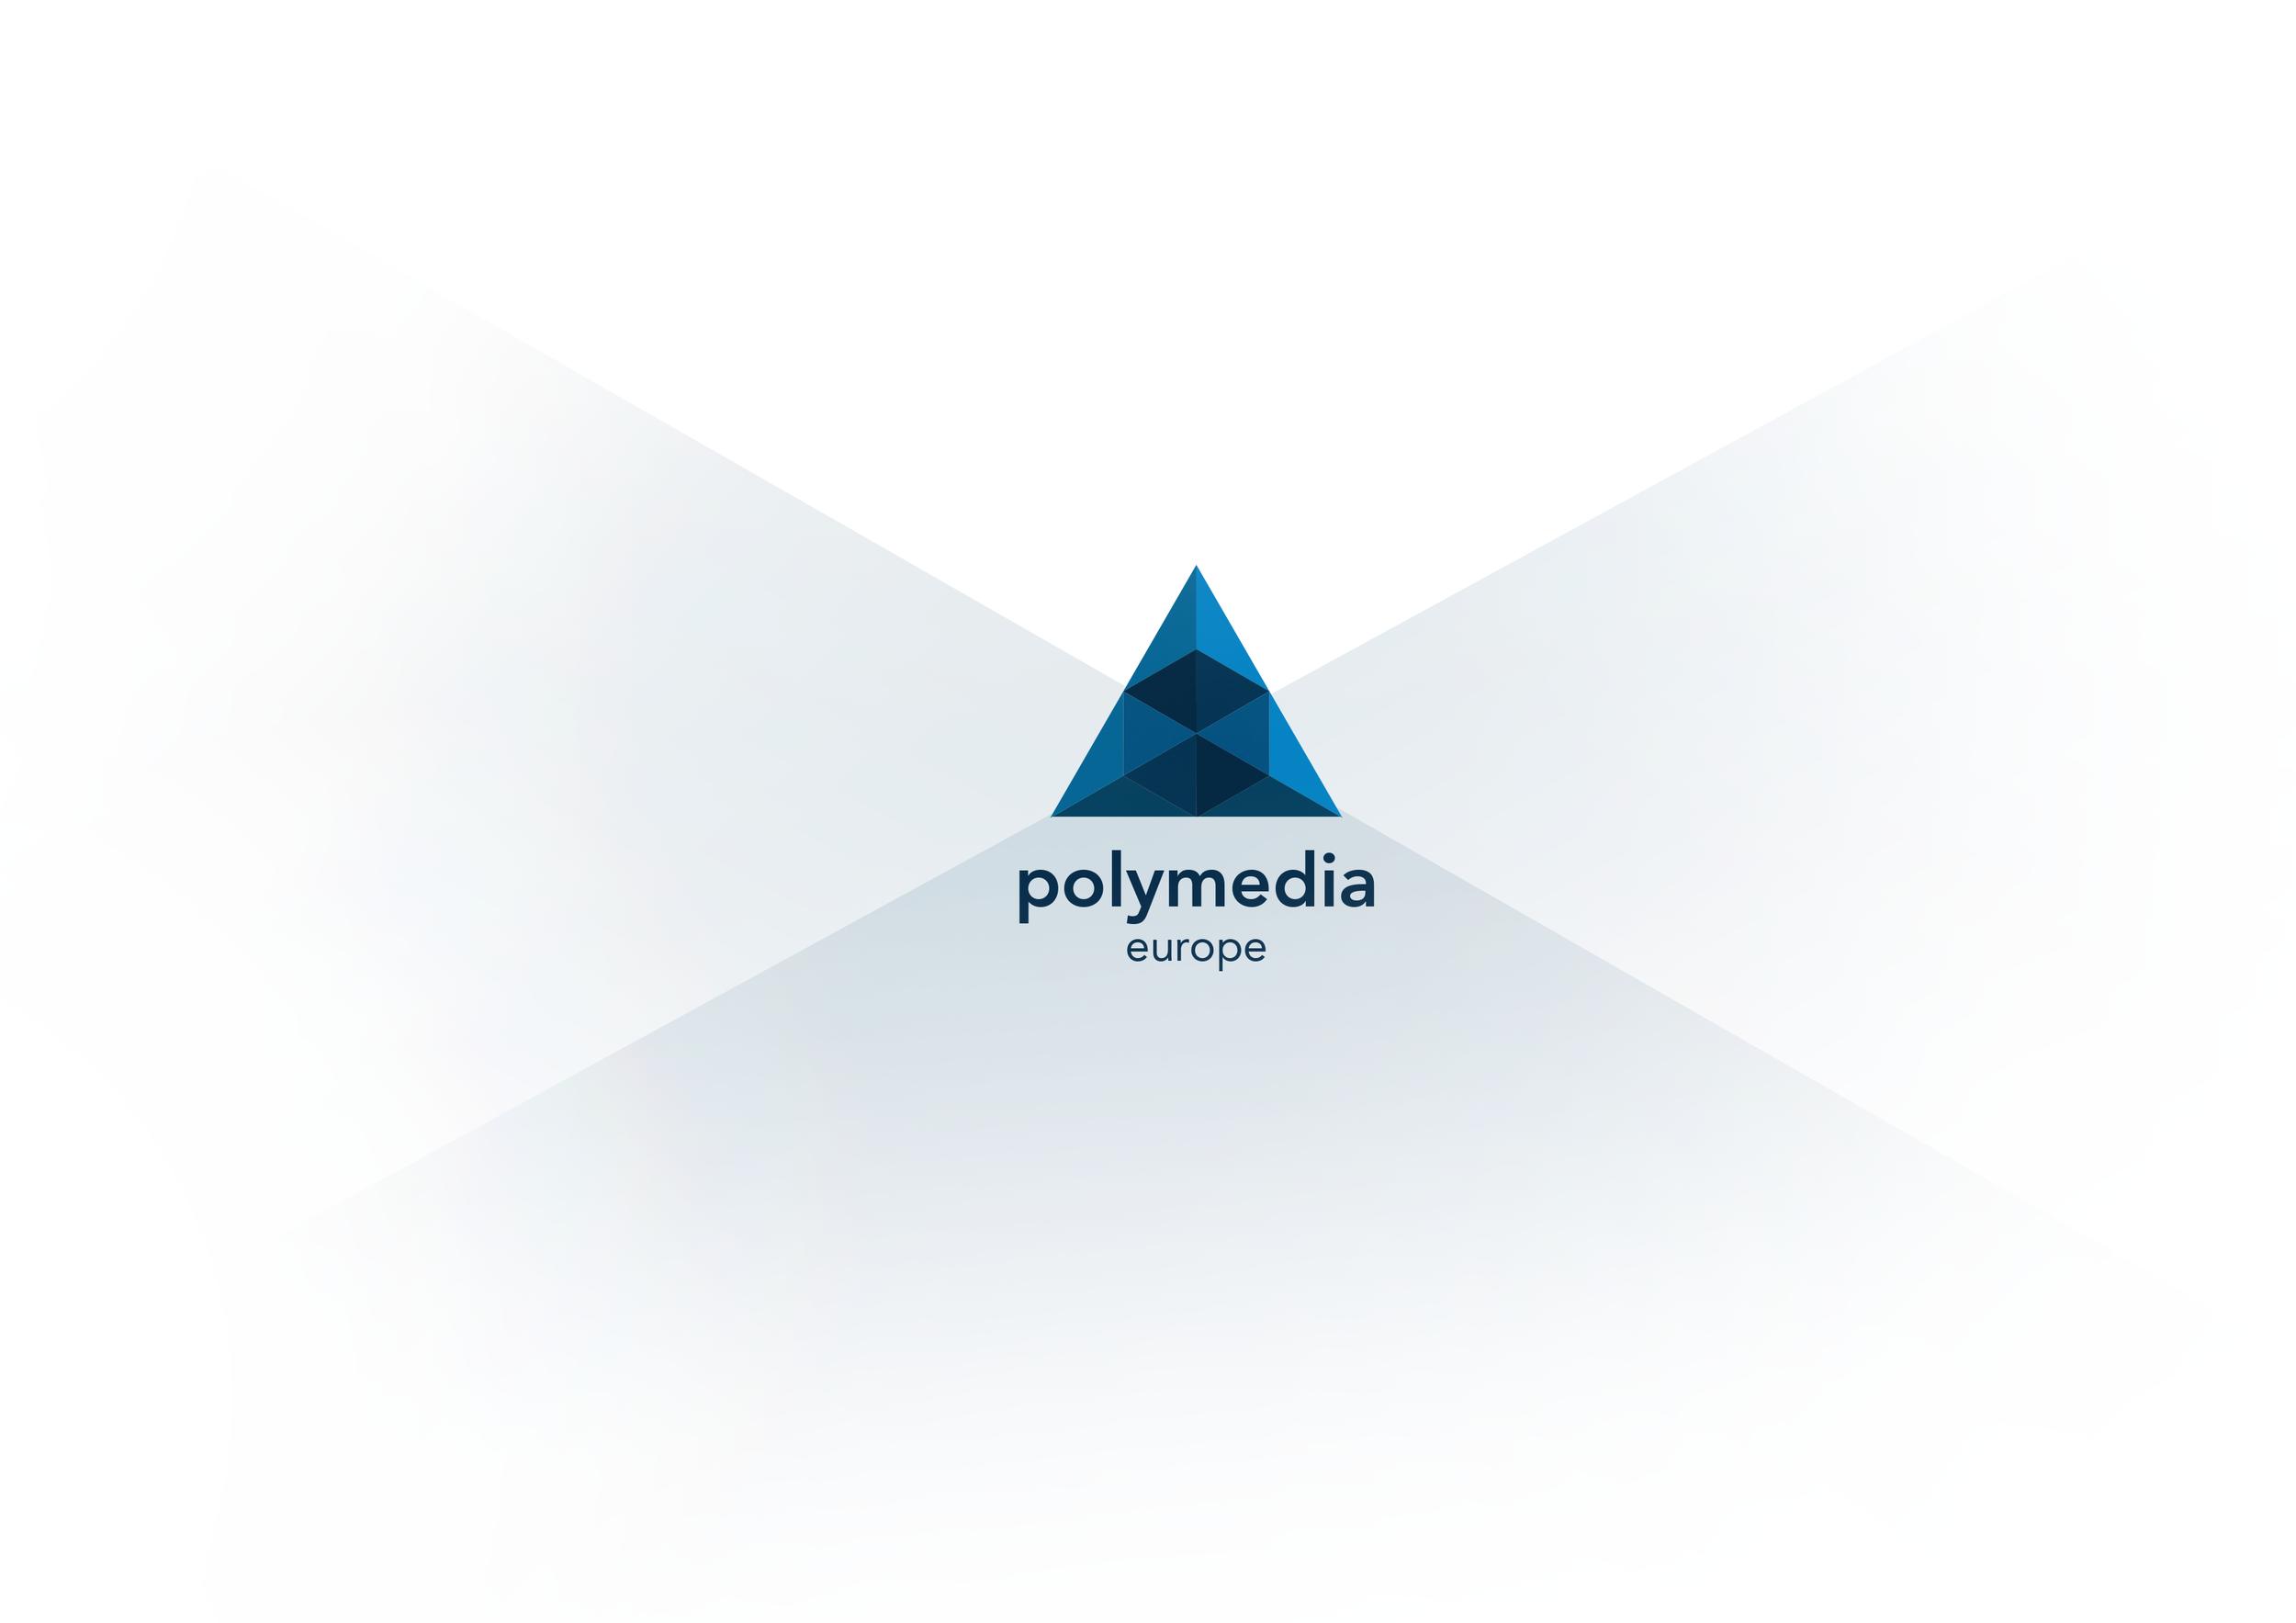 polymedia_presentatie_07092012-5.png